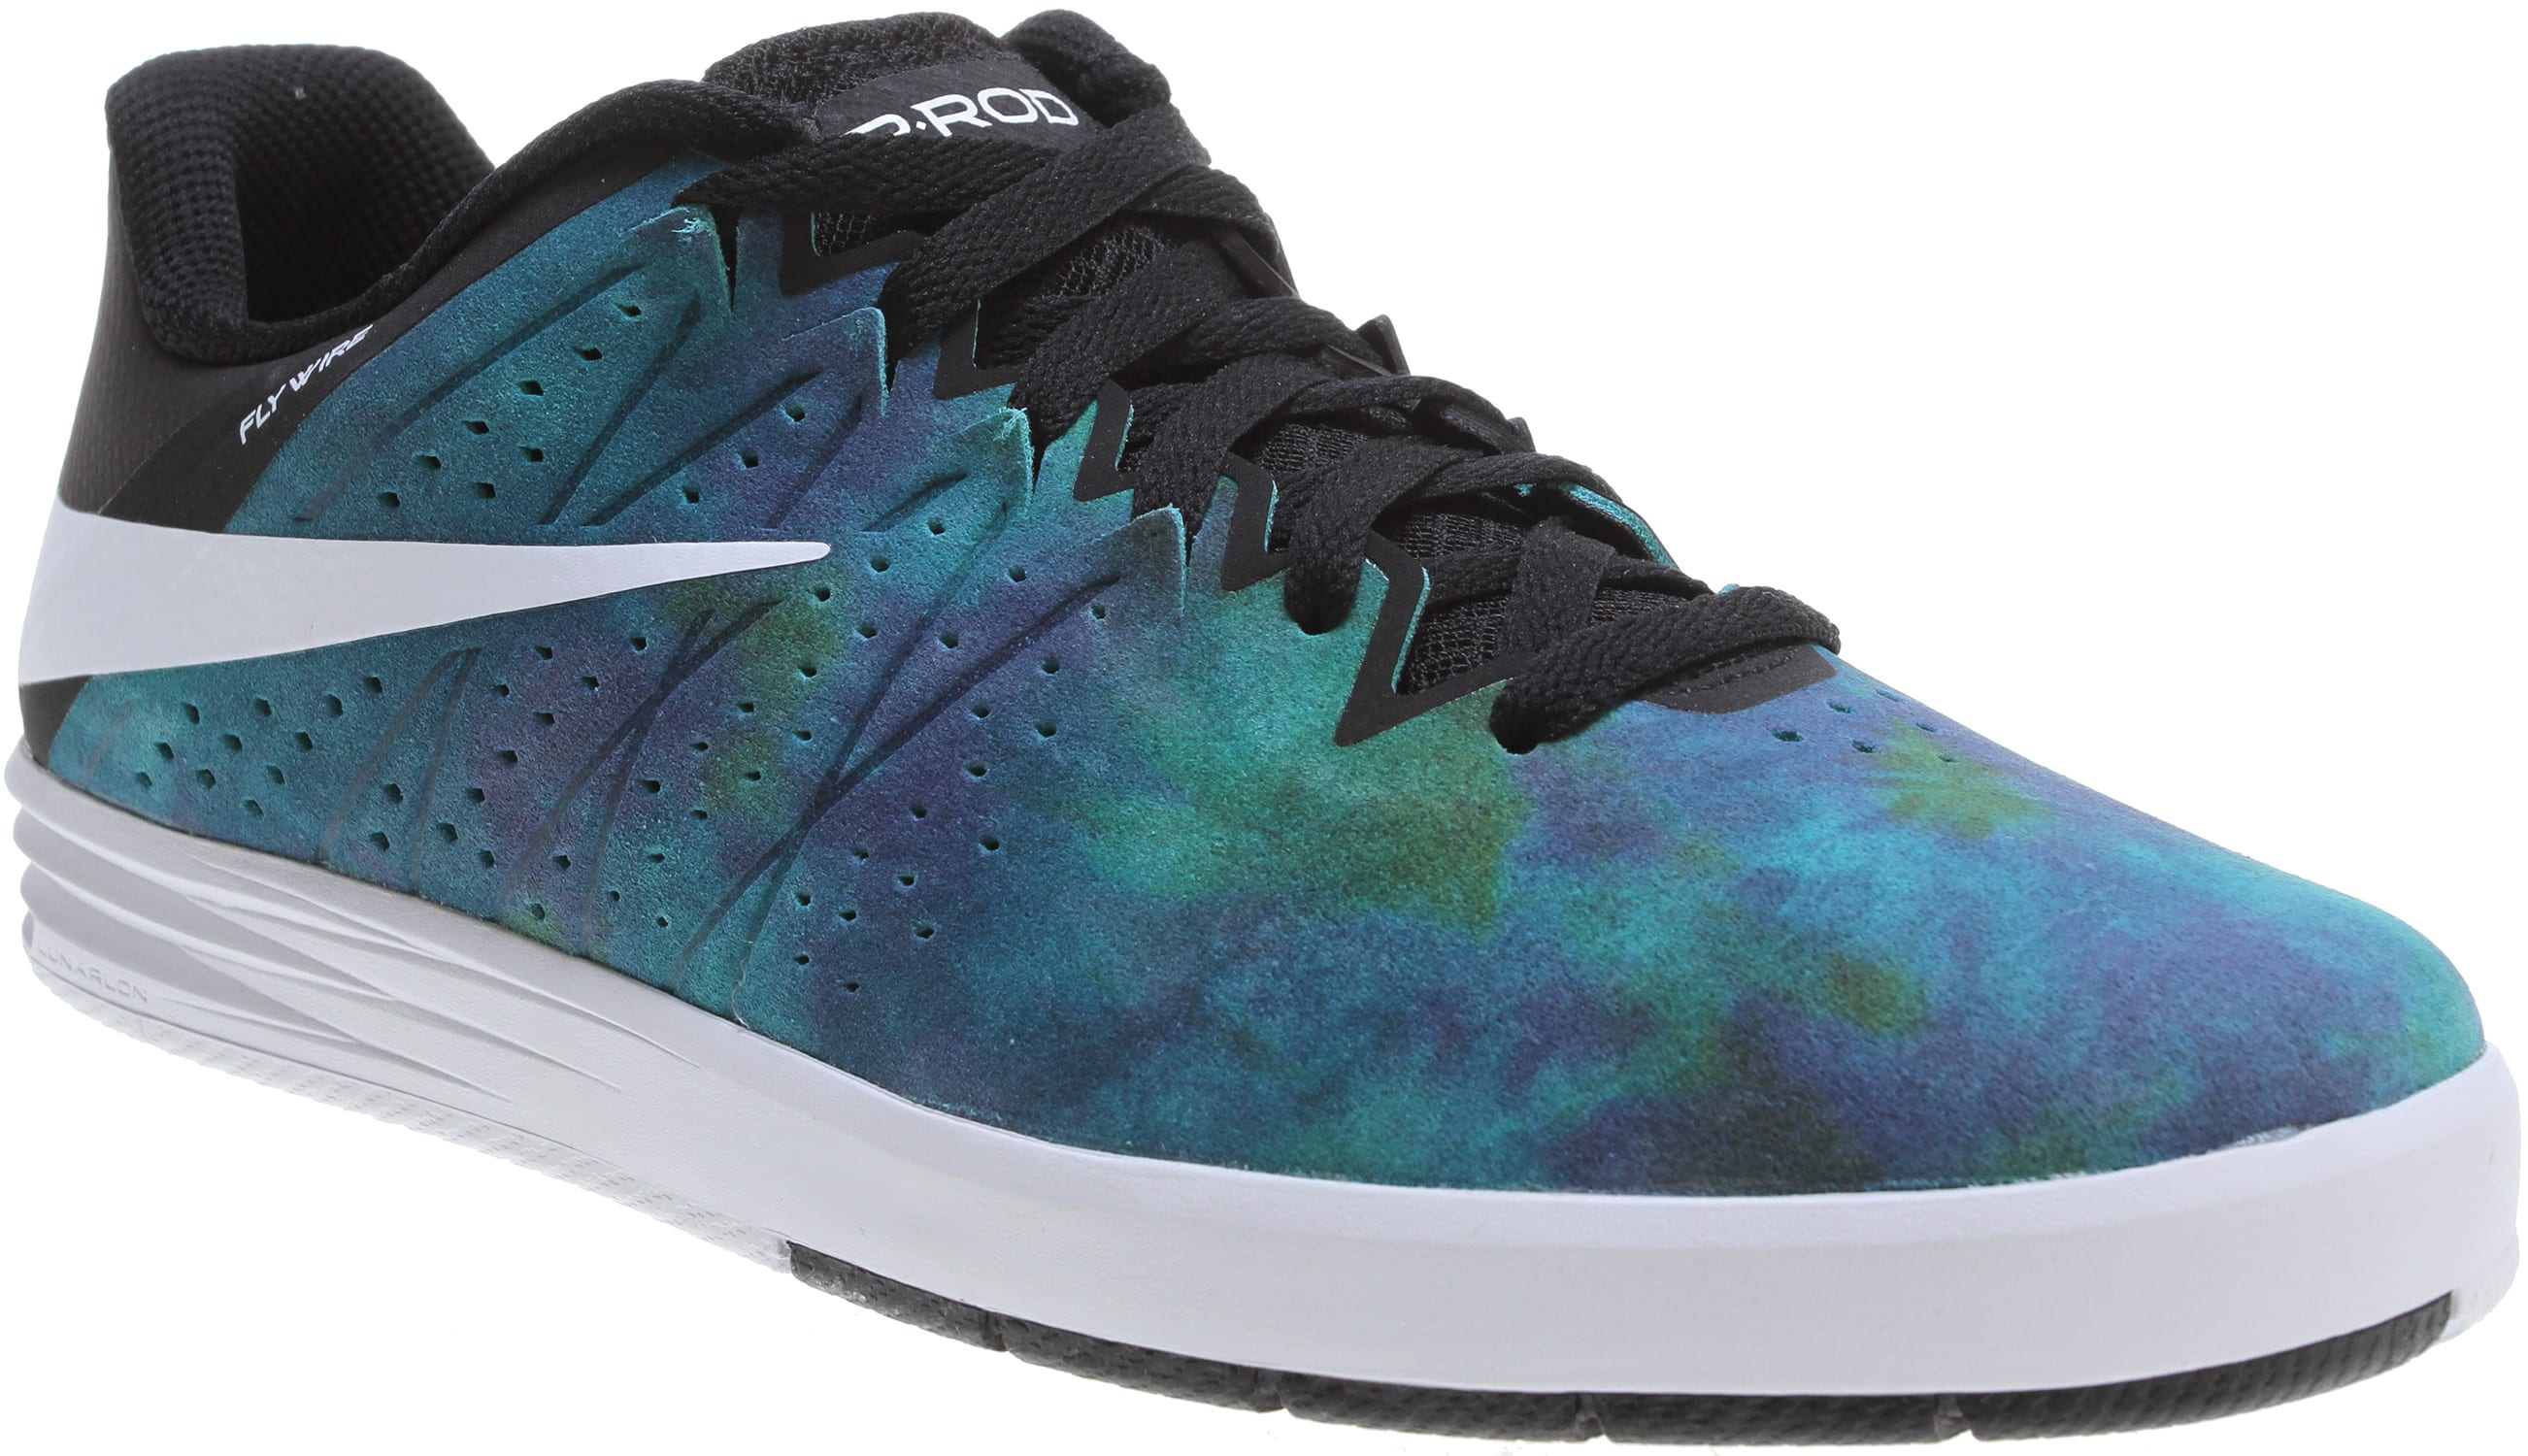 Nike SB Paul Rodriguez Ctd Skate Shoes - thumbnail 2 05c1e69e7